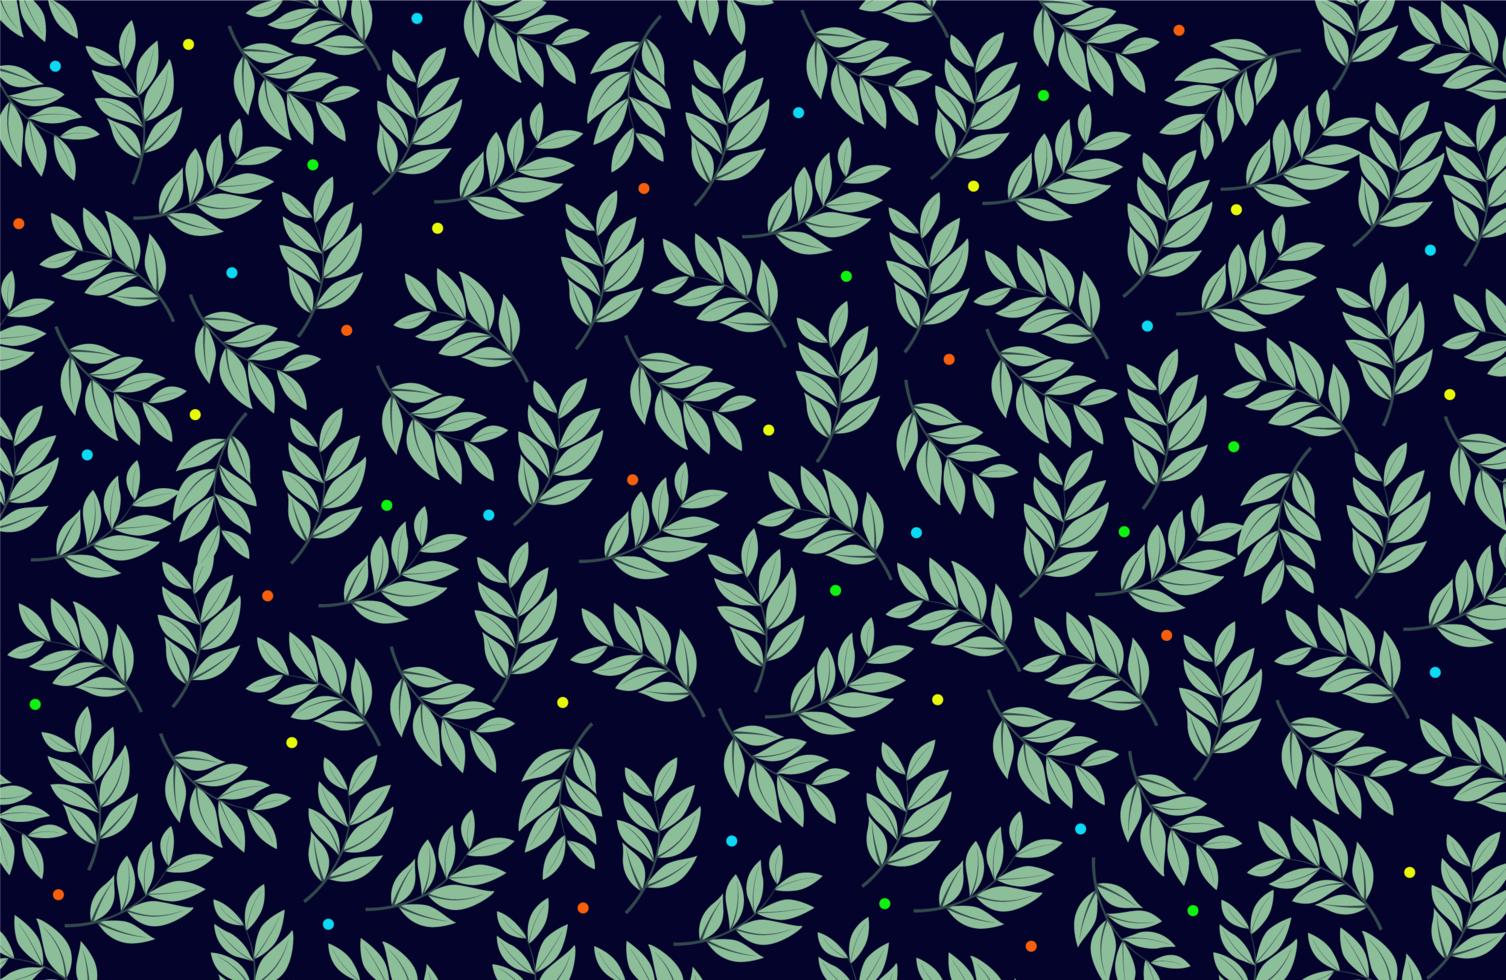 foglie e motivo in tessuto a punti colorati vettore